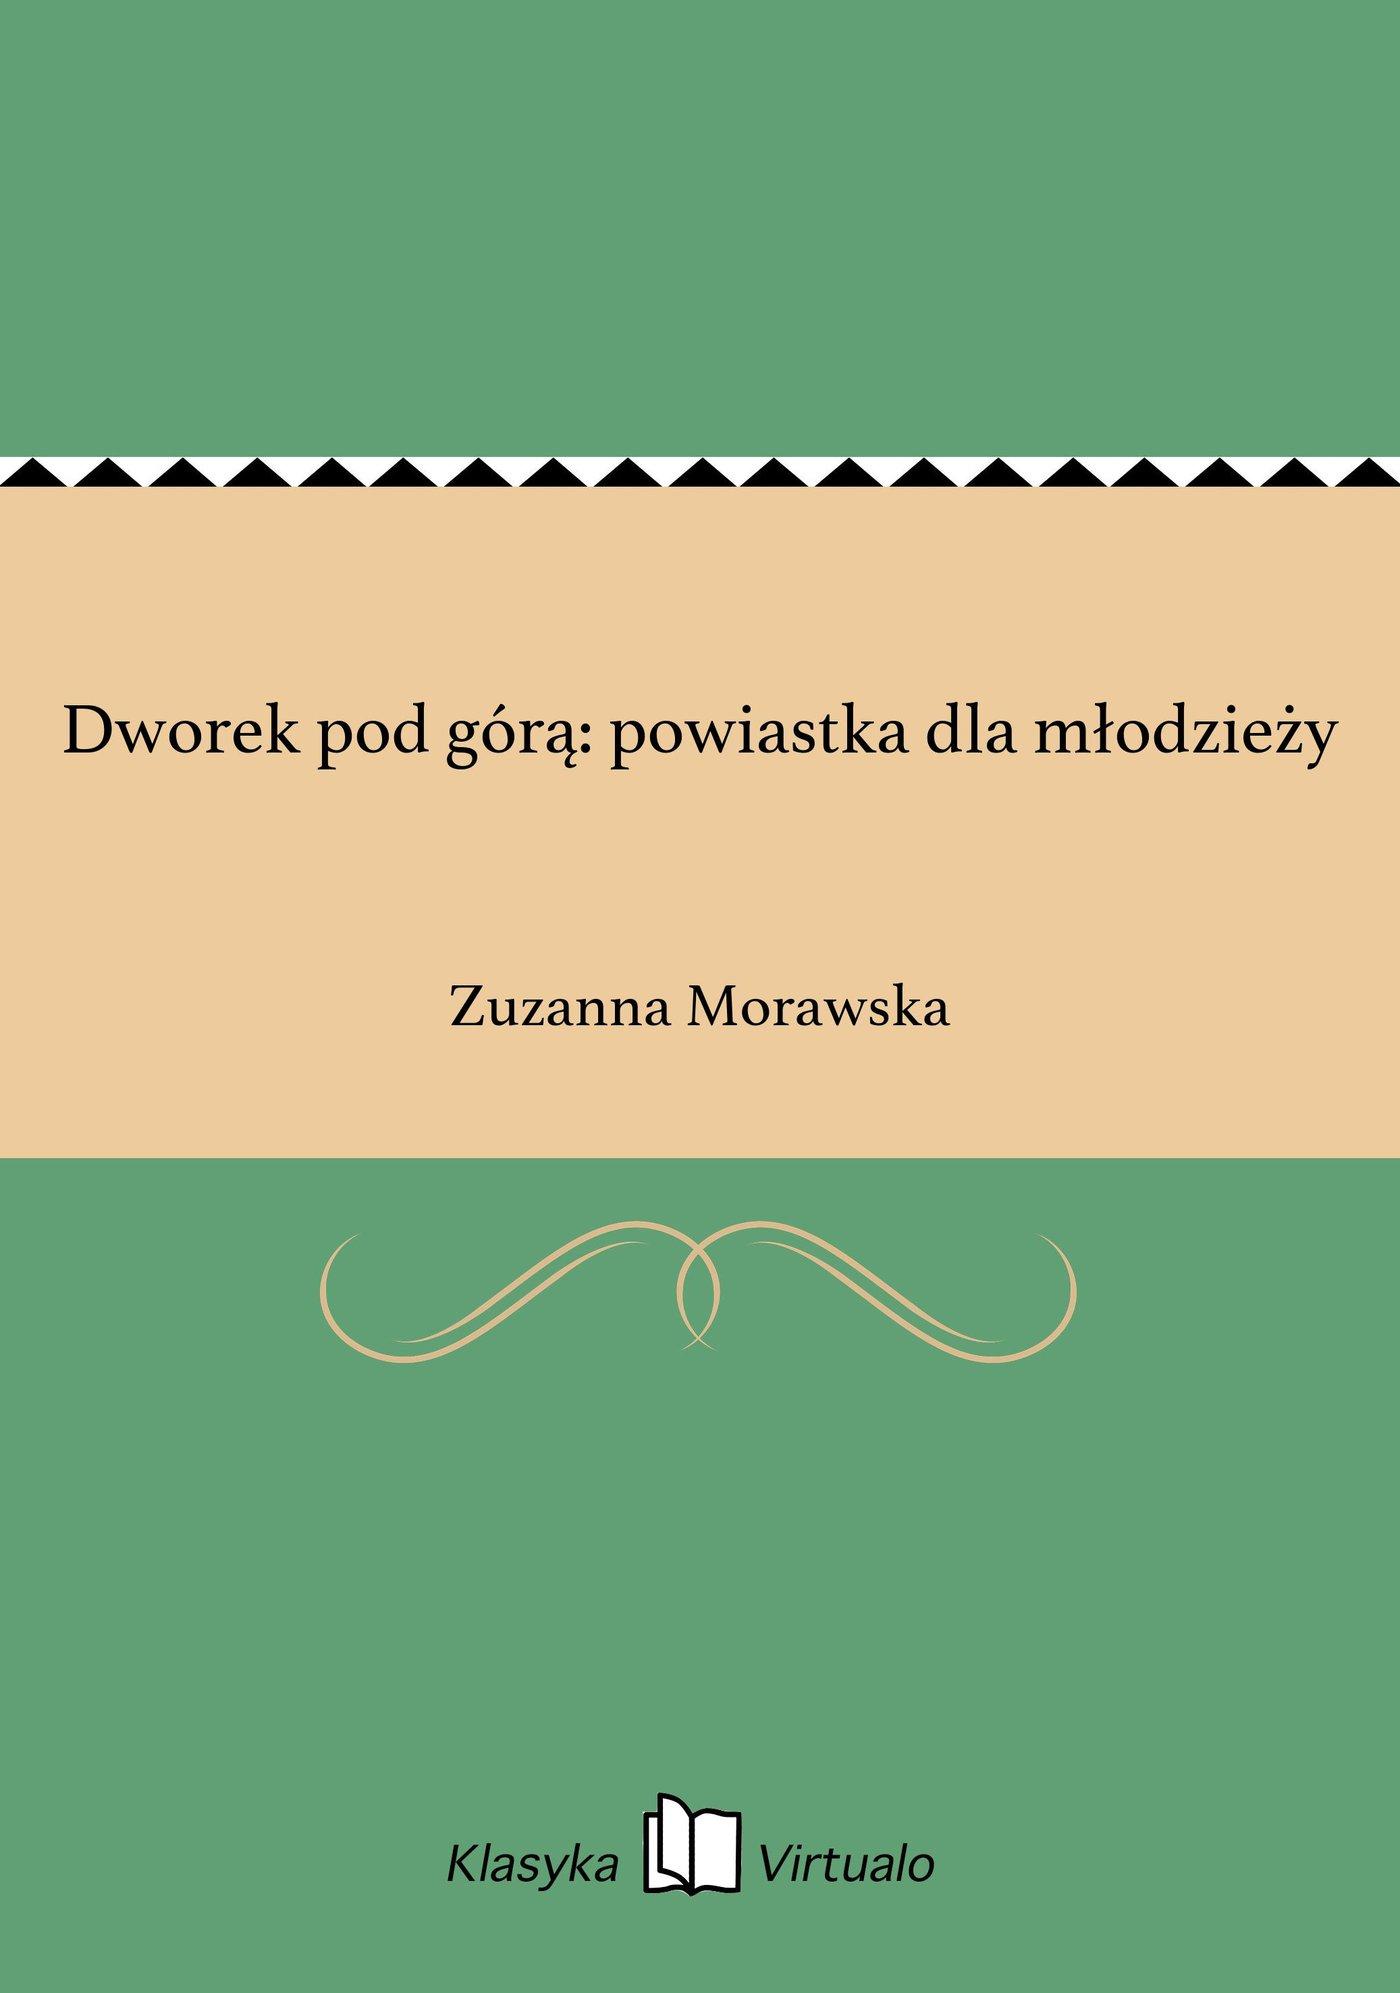 Dworek pod górą: powiastka dla młodzieży - Ebook (Książka EPUB) do pobrania w formacie EPUB